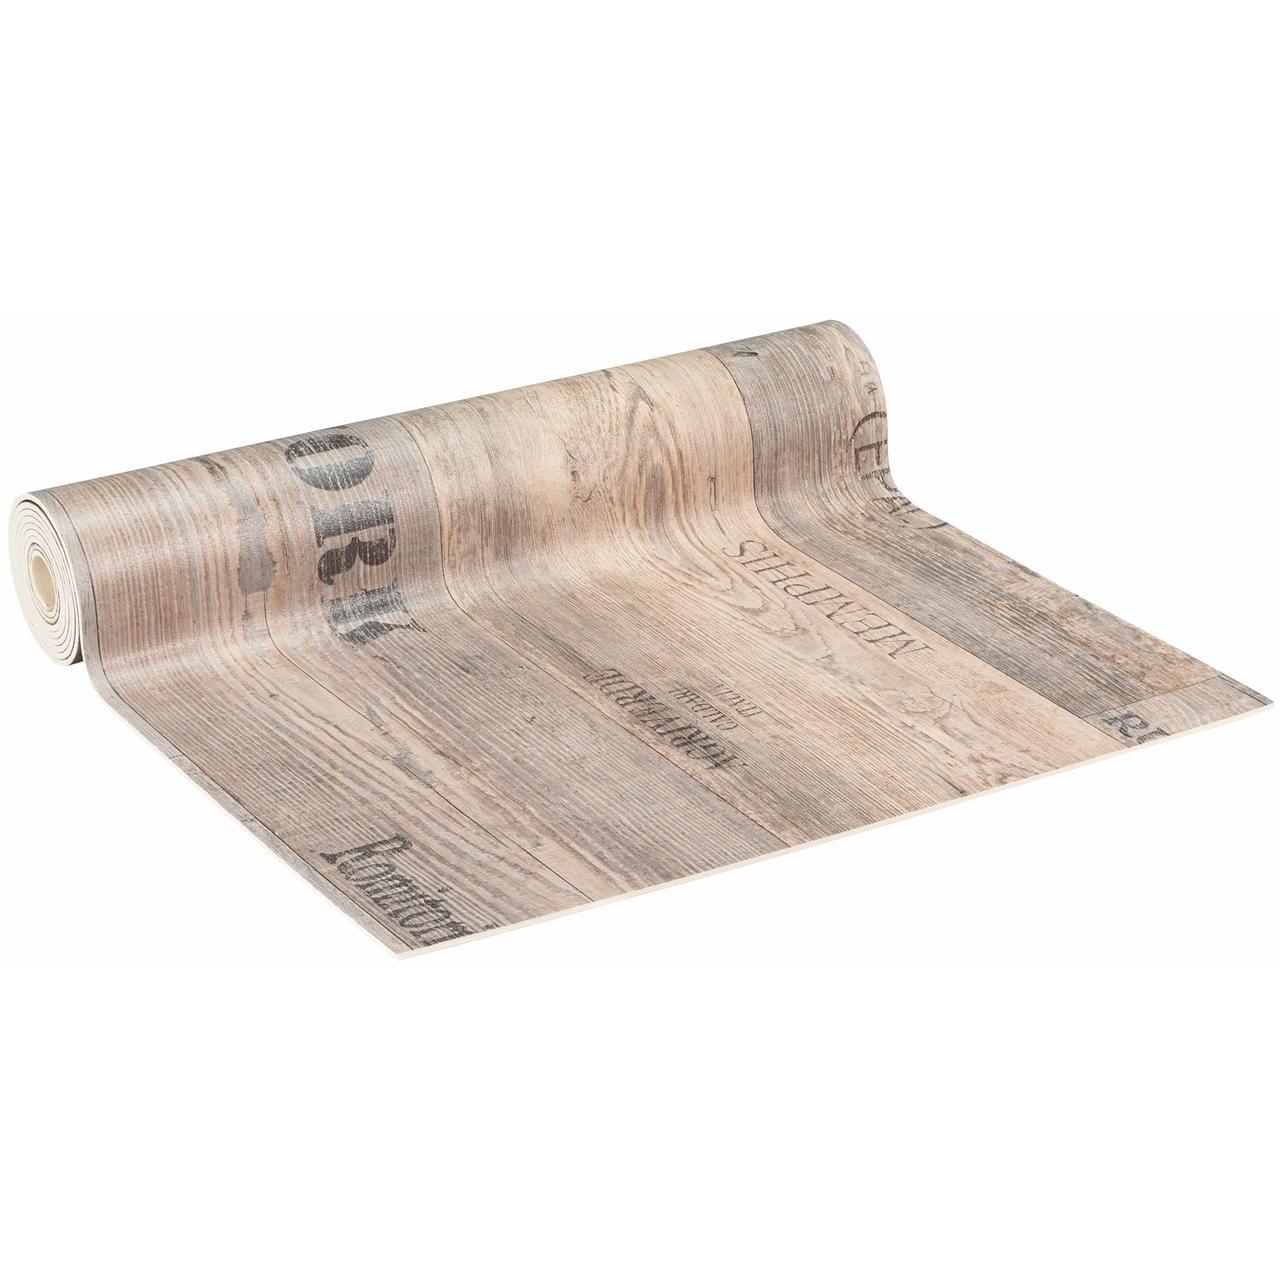 Afbeeldingsresultaat voor zeil vloer houtlook | Vloerzeil | Pinterest